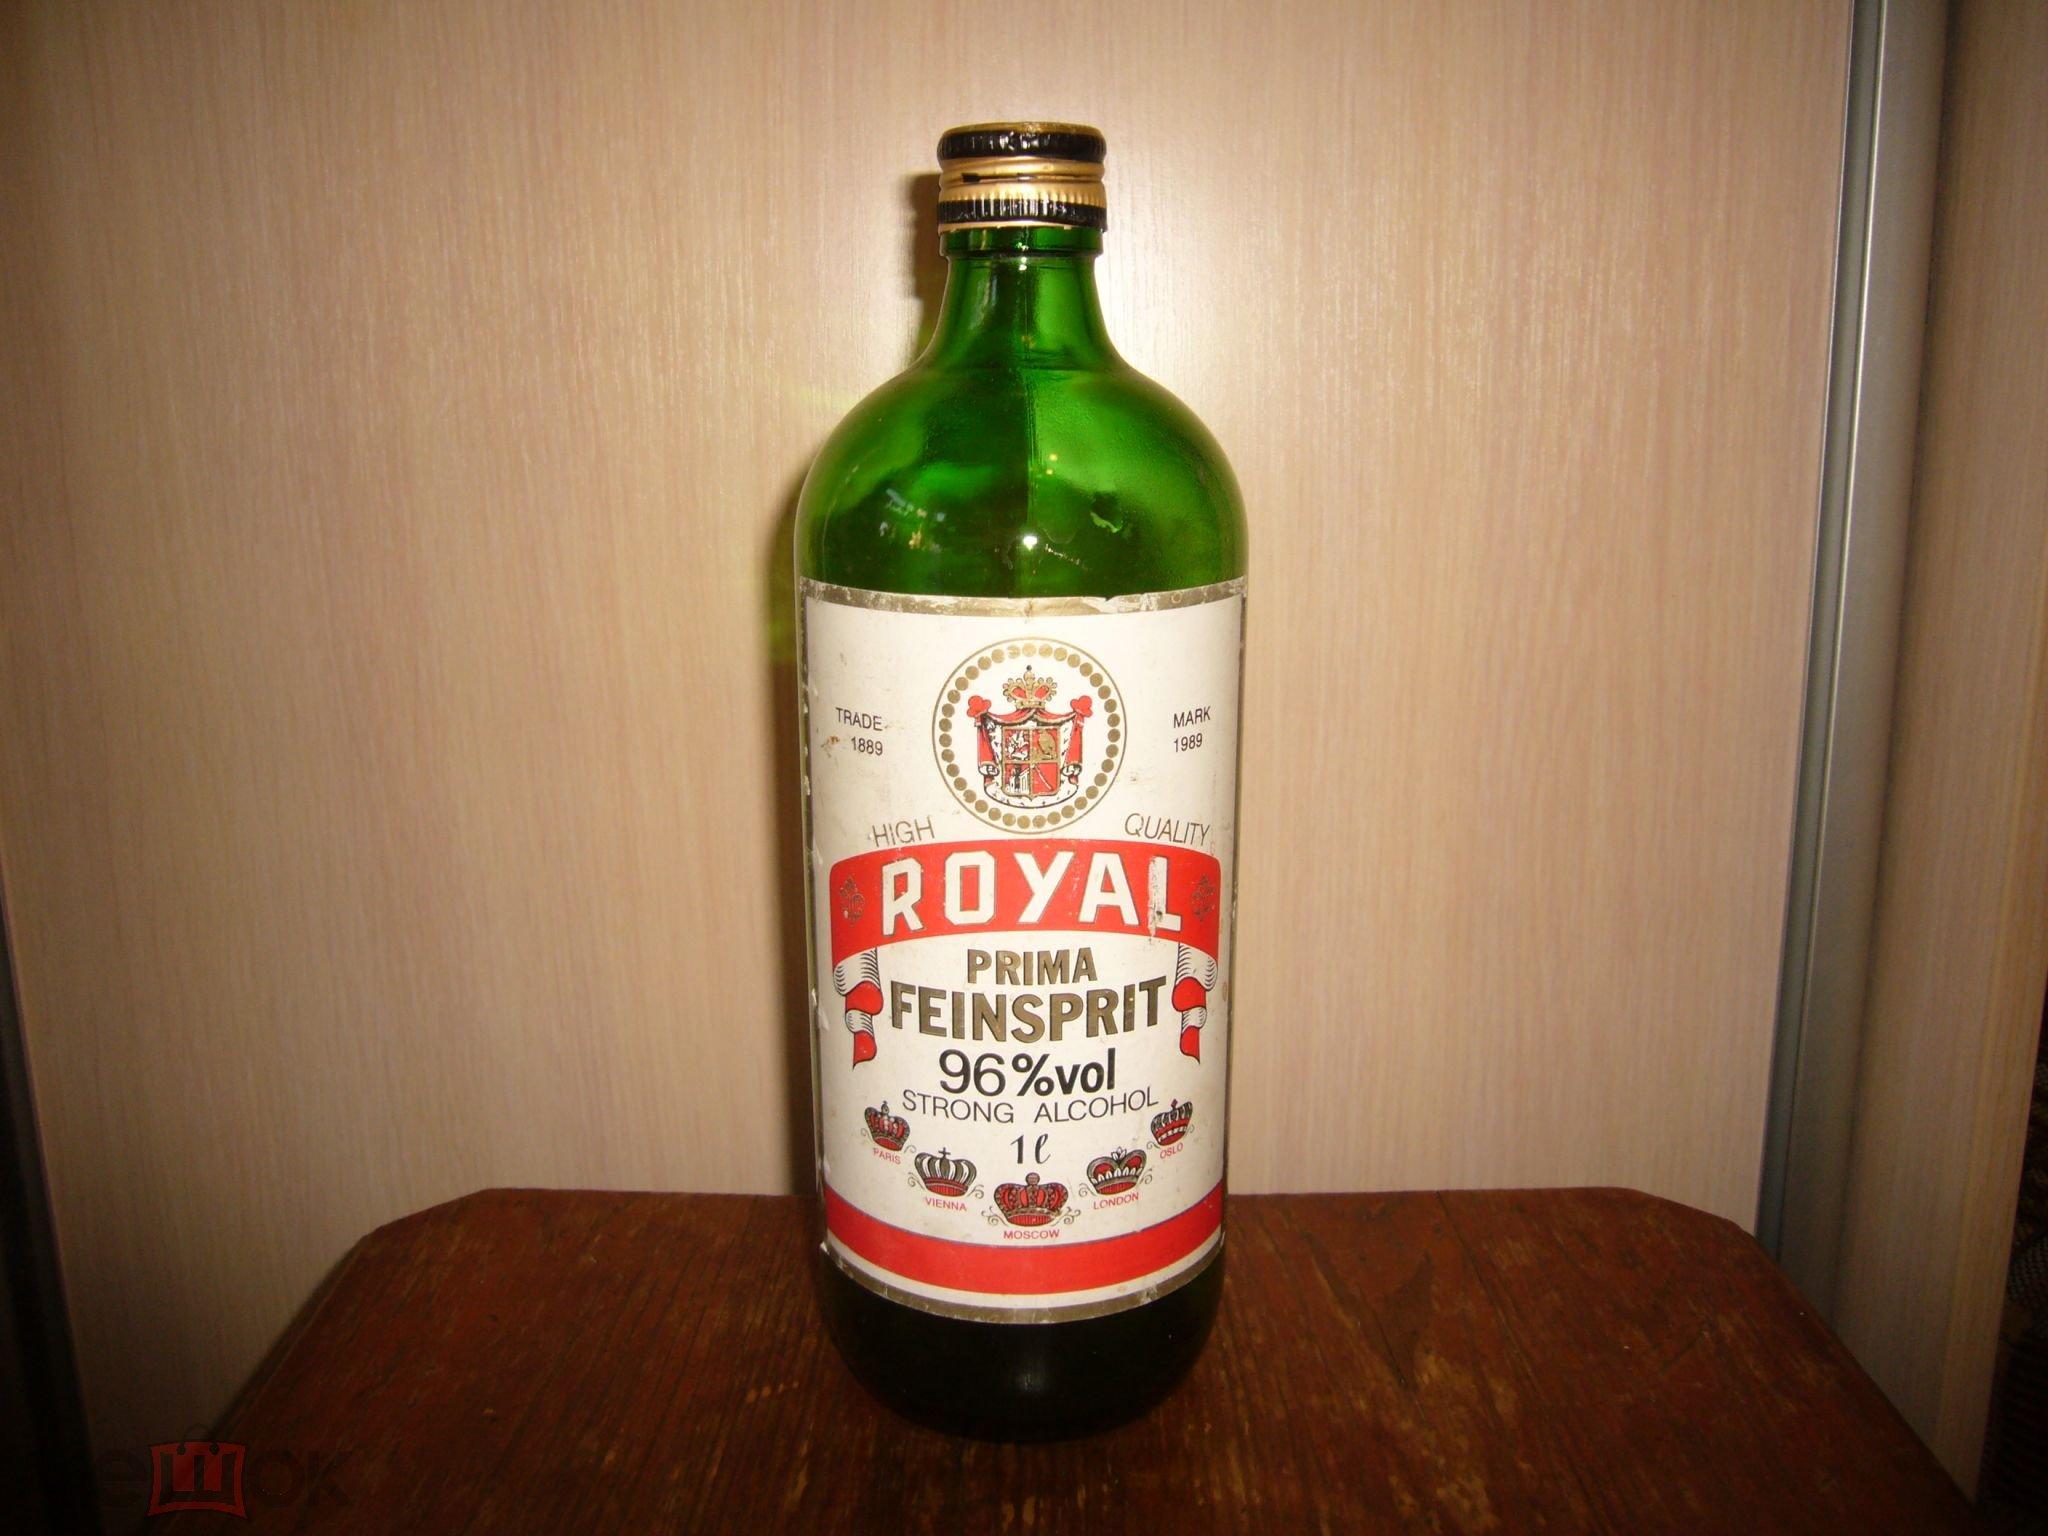 Royal спирт купить спирт медицинский ректификат купить